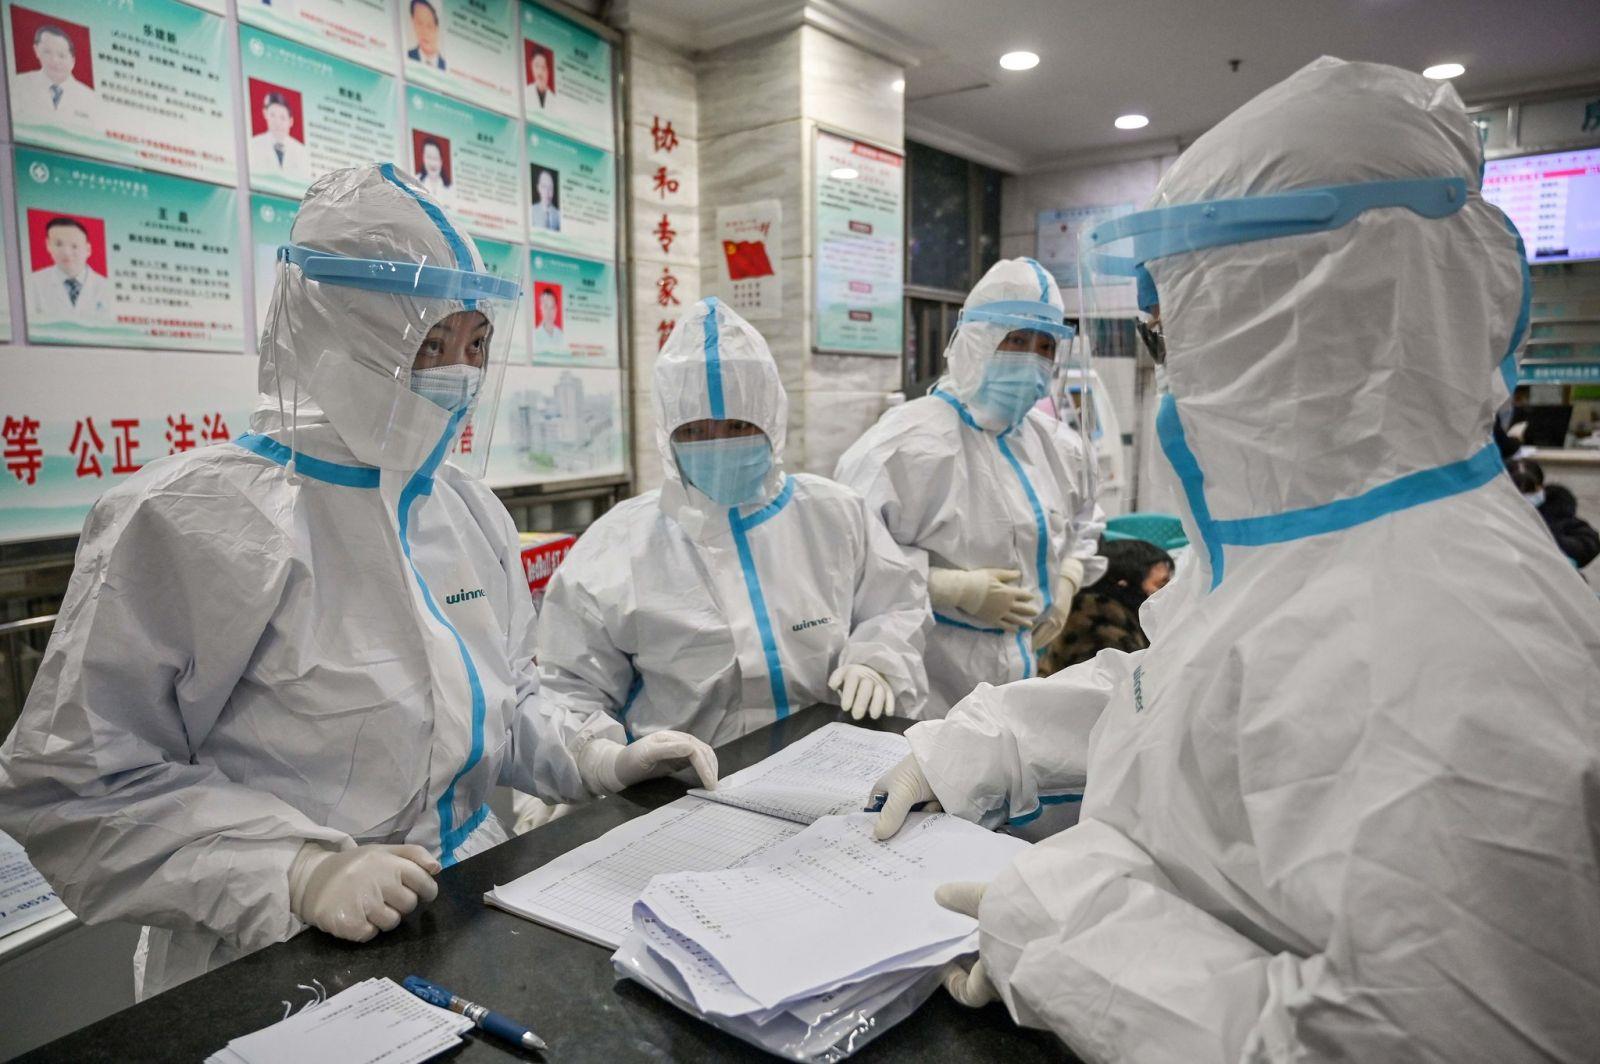 """Китай признал """"недостатки и упущения"""" в своей борьбе с коронавирусом"""